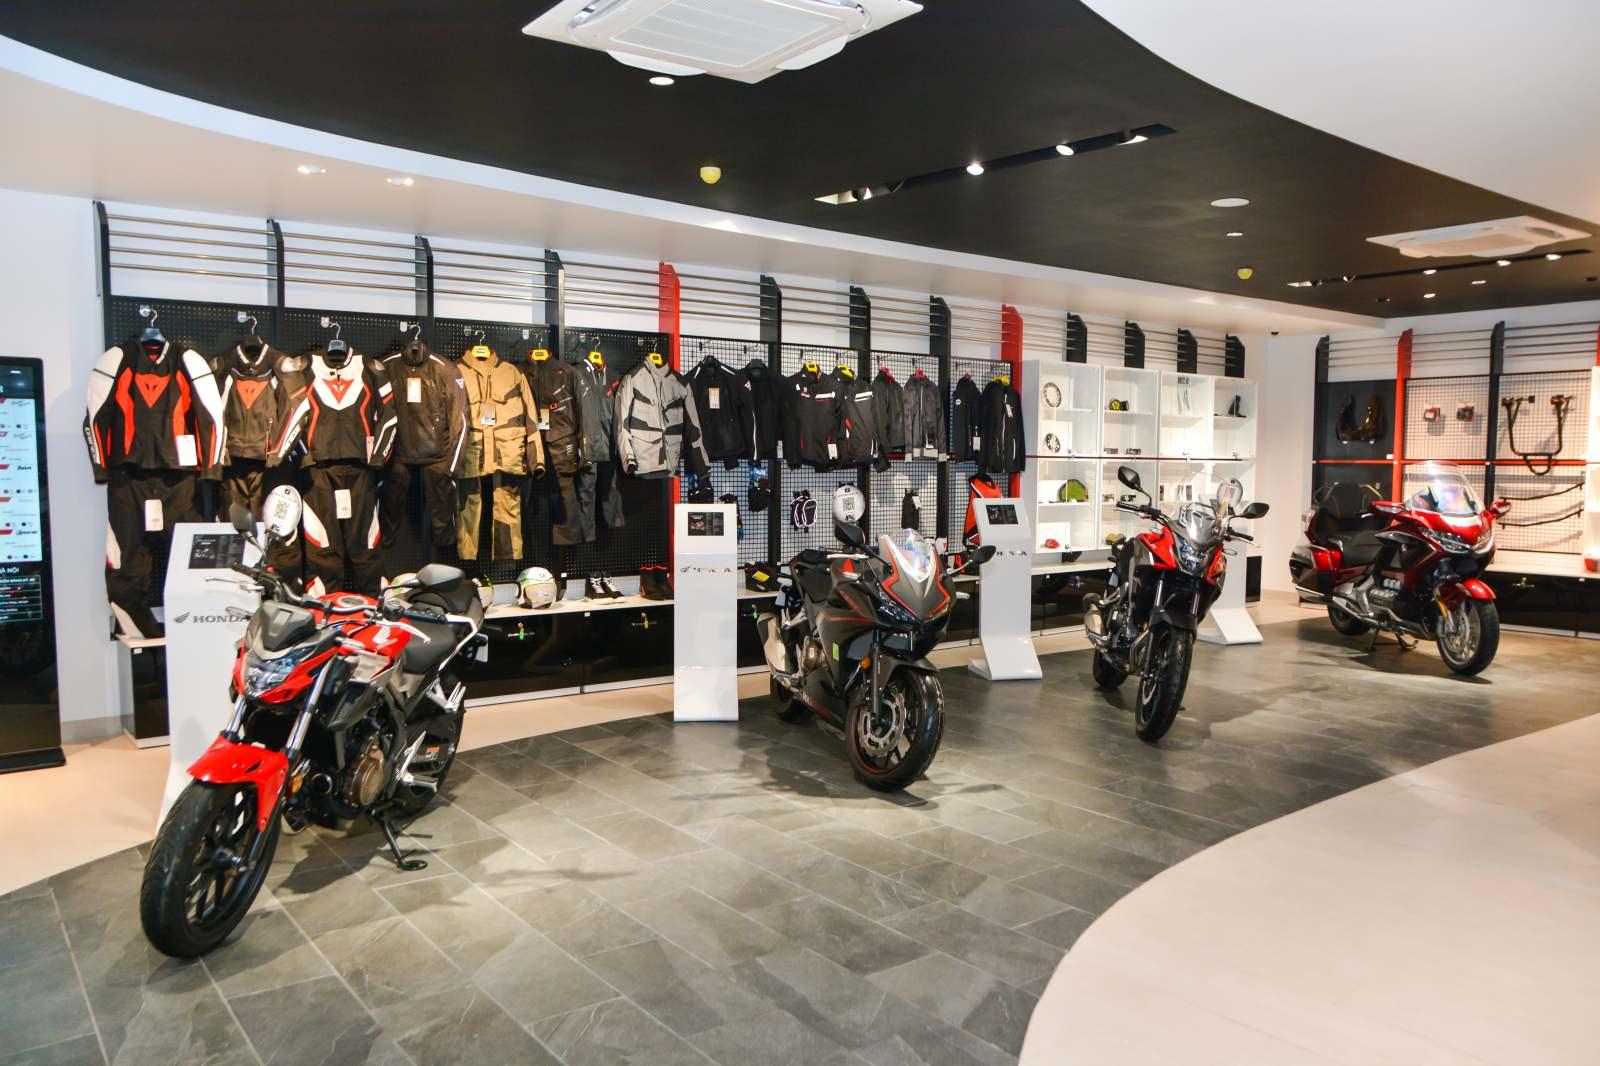 Honda khai trương cửa hàng xe phân khối lớn đầu tiên tại Hà Nội - 02